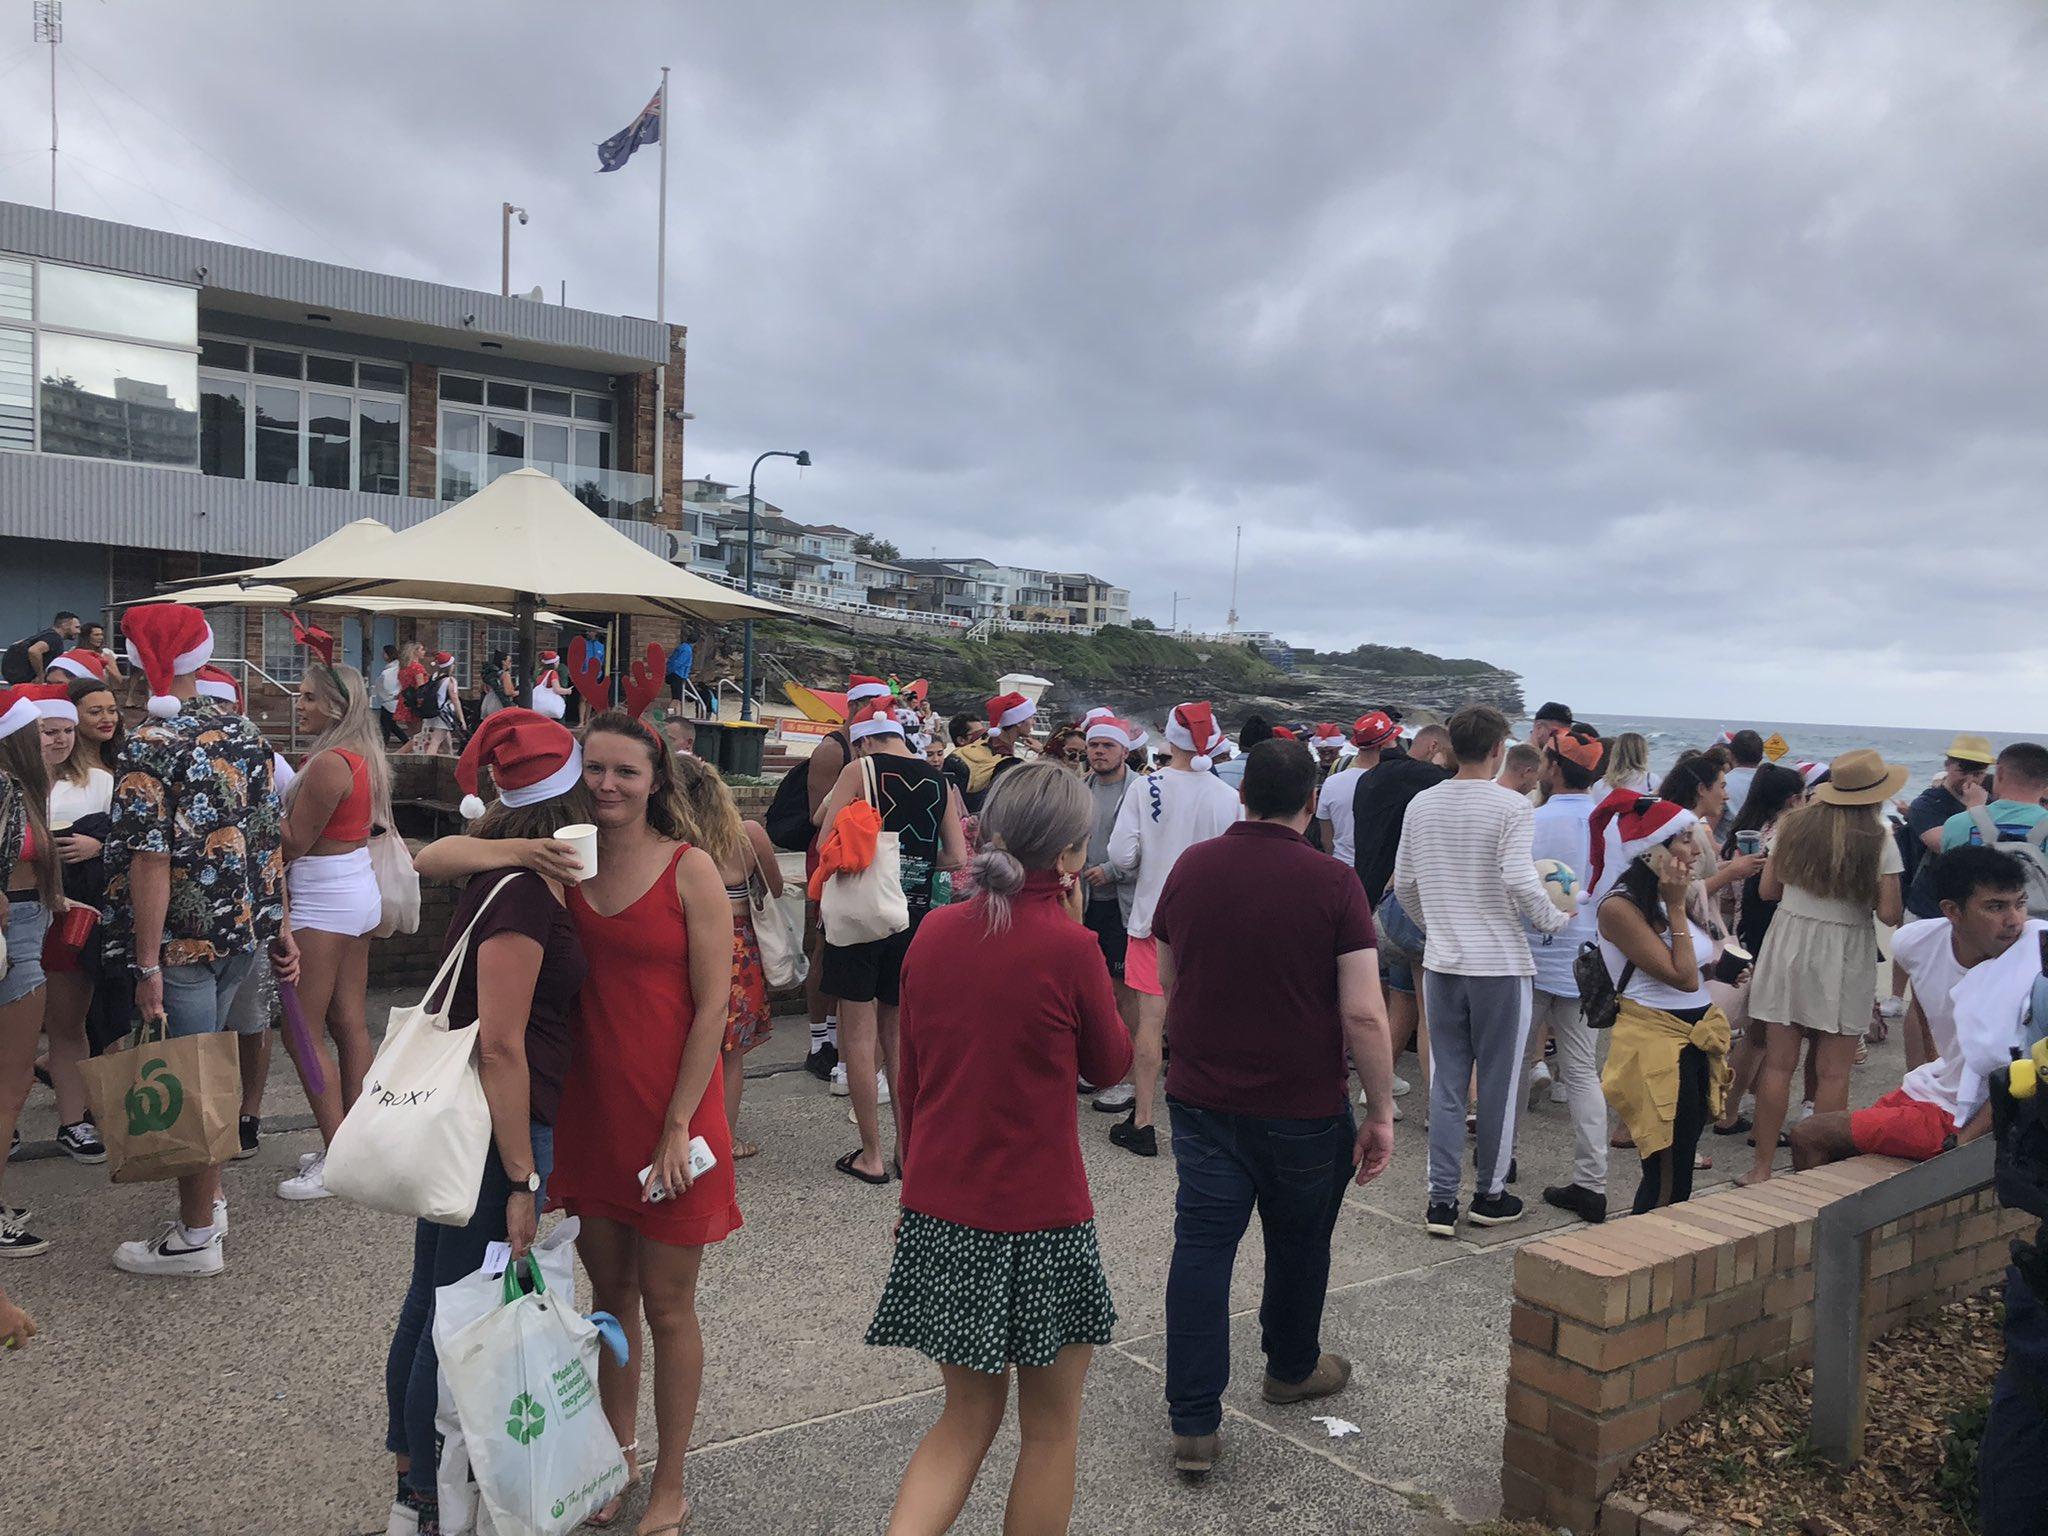 Вечеринка в Австралии - туристы разгневали жителей вызывающим поведением / twitter.com/p_hannam